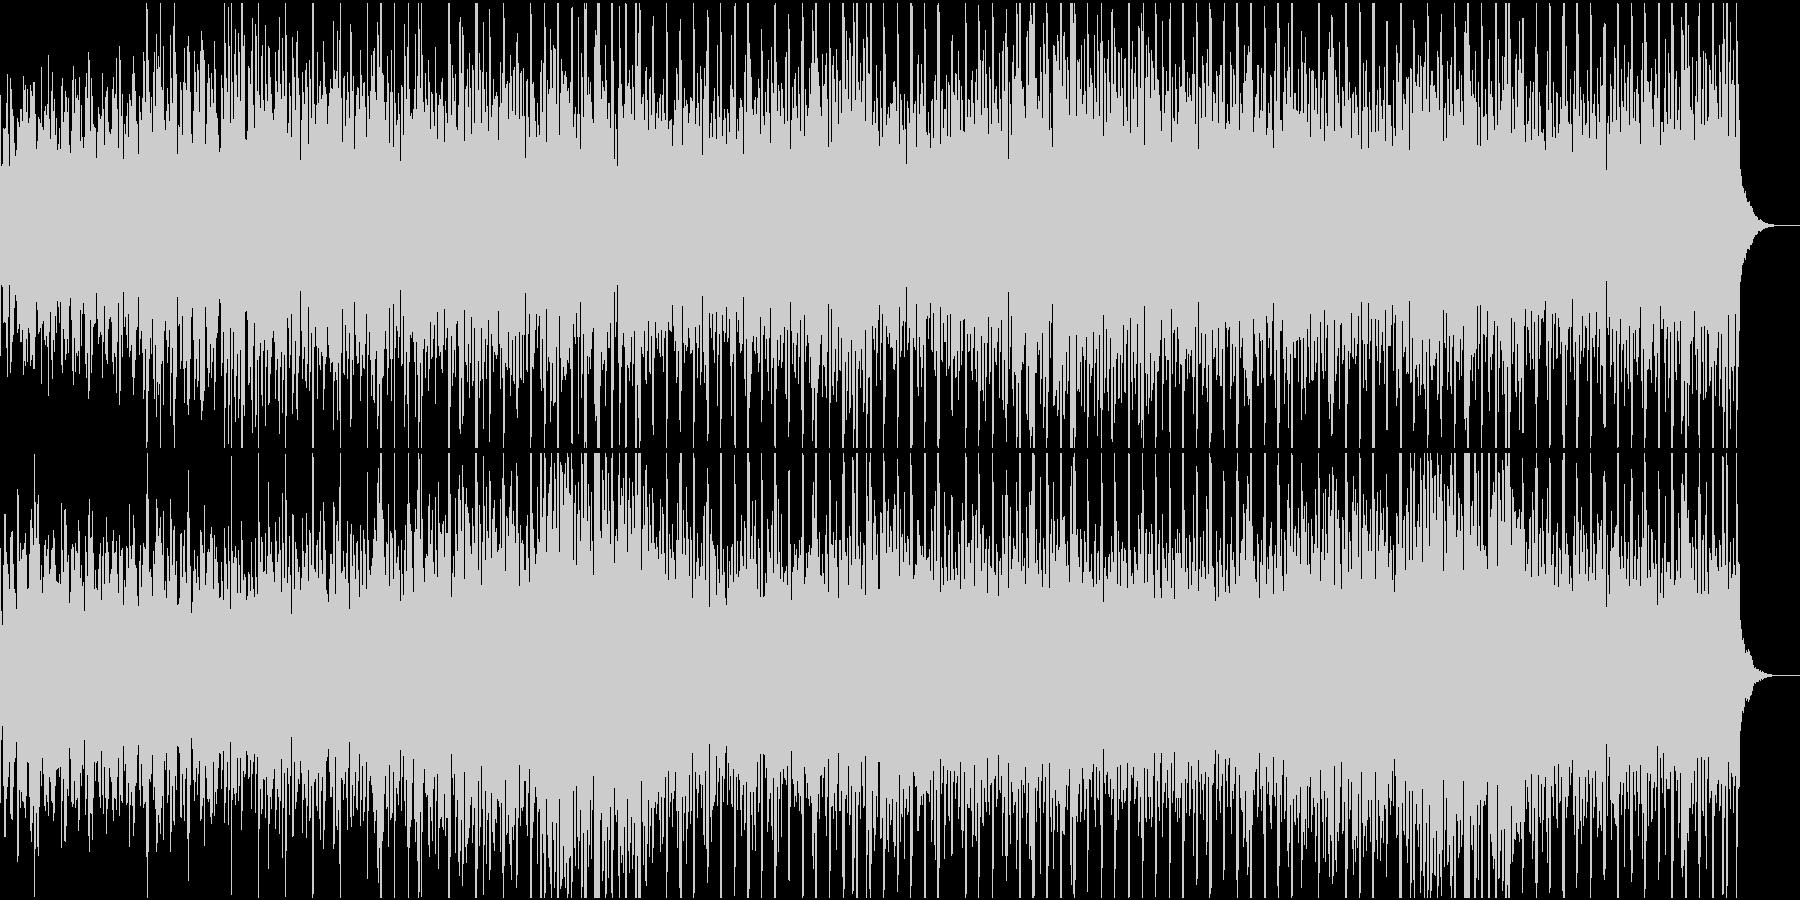 近未来の雰囲気たっぷりなシンセポップの未再生の波形